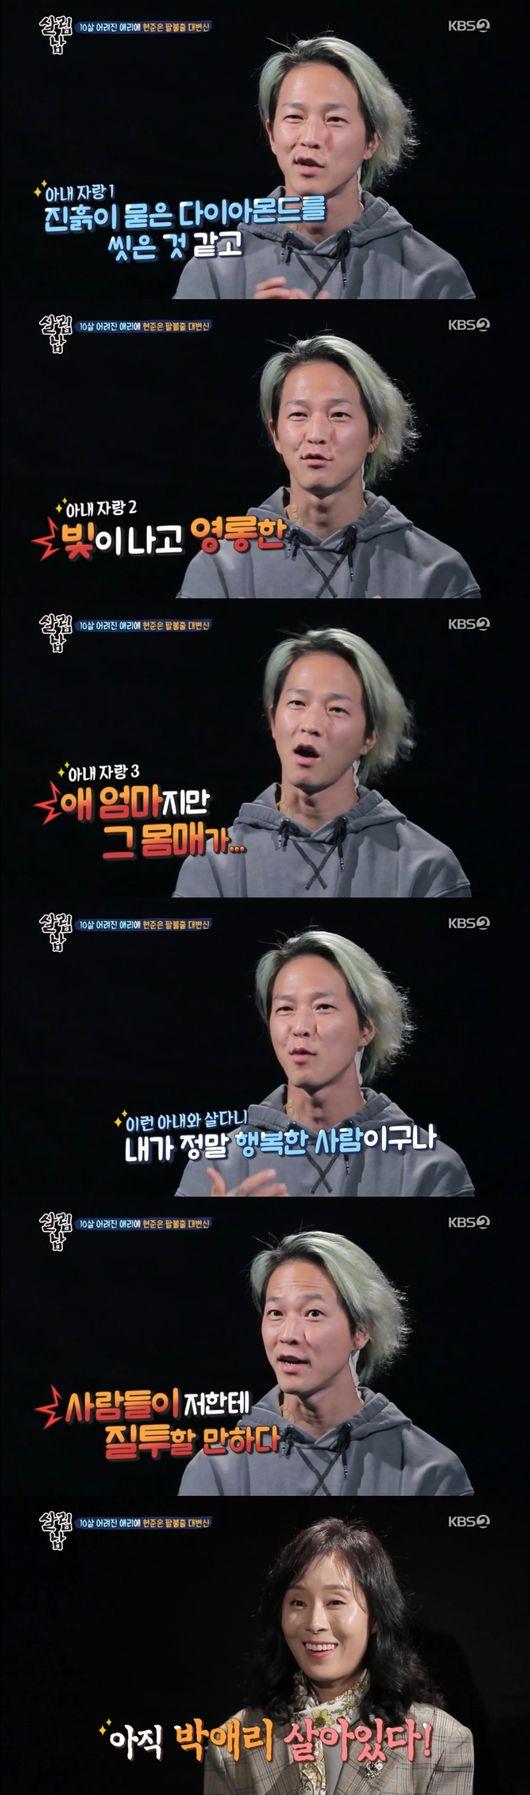 '살림남' 팝핀현준, 드레스업 한 애리의 모습에 화색 …